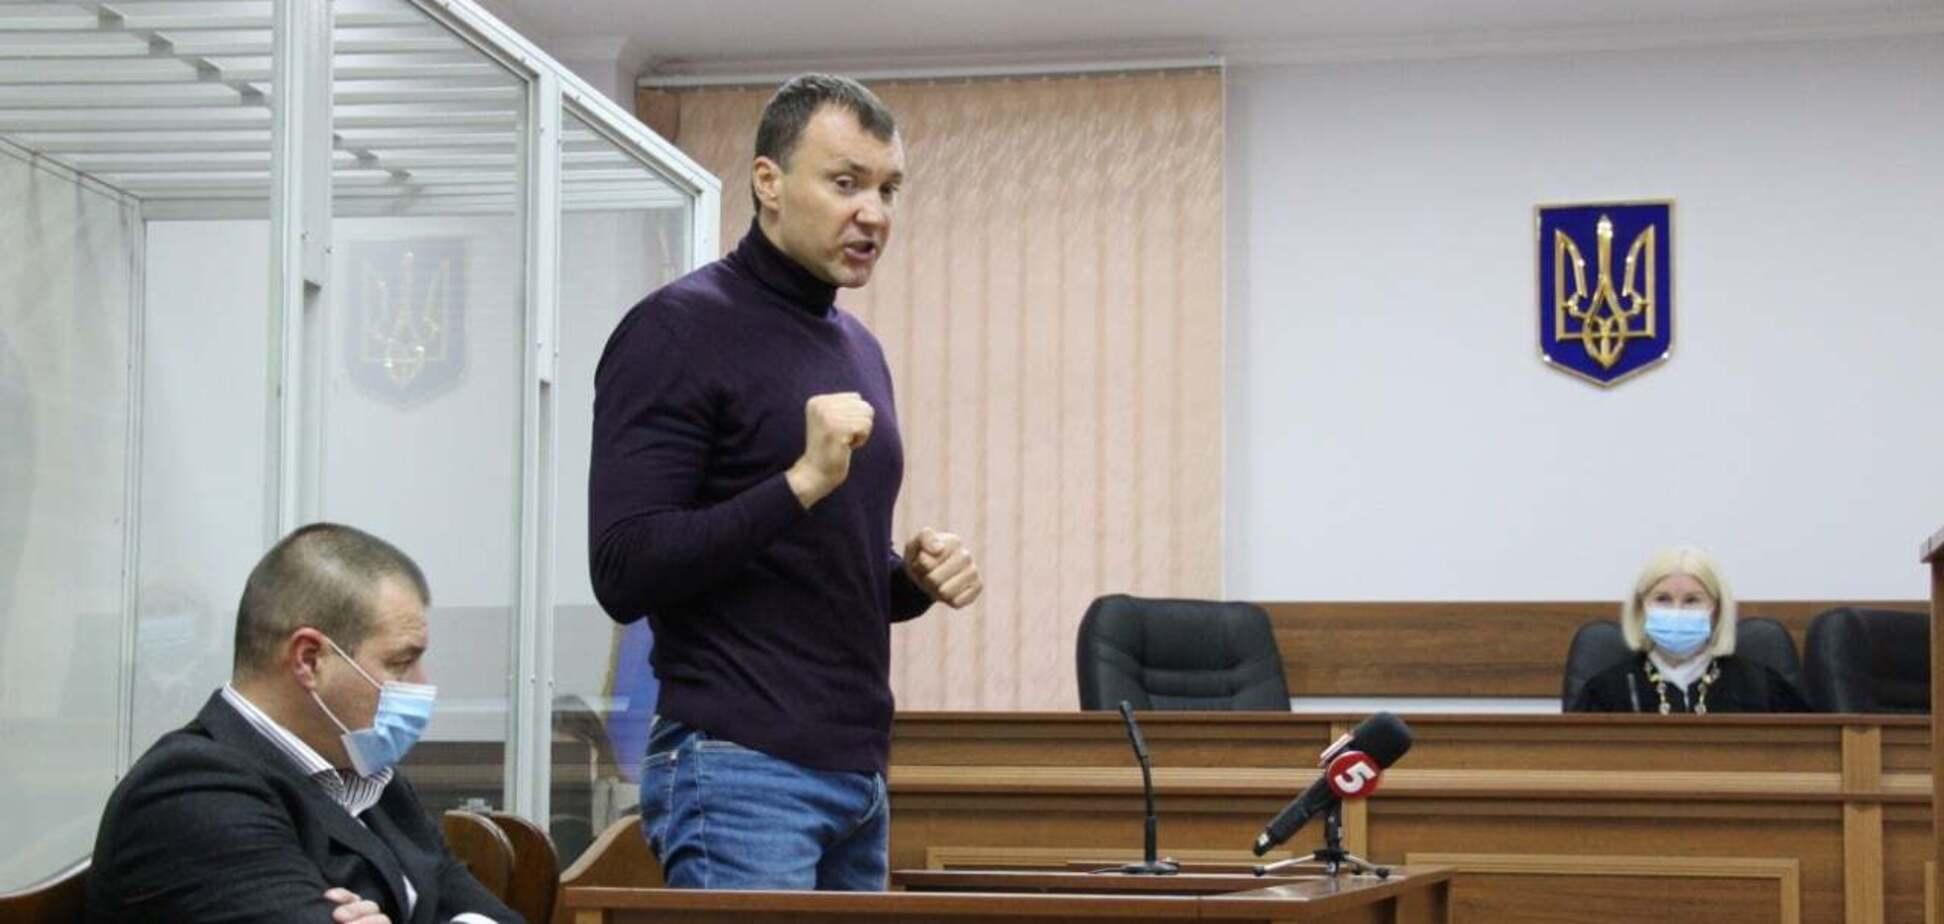 27 ноября суд оправдал судью Майдана Виктора Кицюка